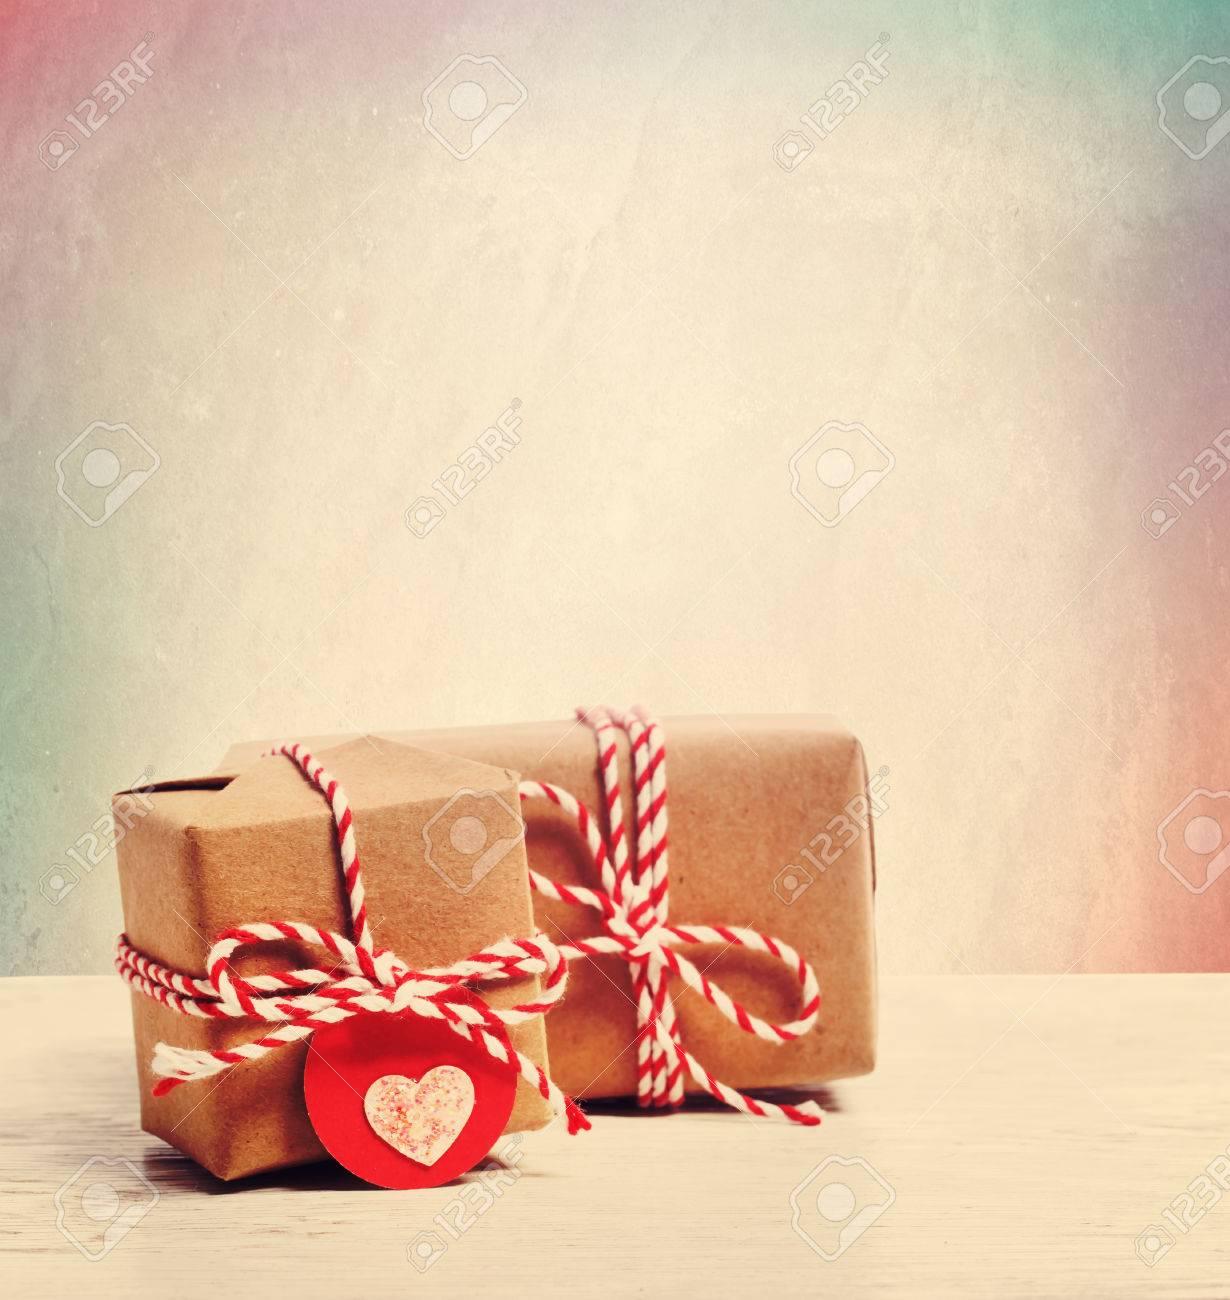 Kleine Handgemachte Geschenk-Boxen Mit Herzförmigen Tags In Pastell ...